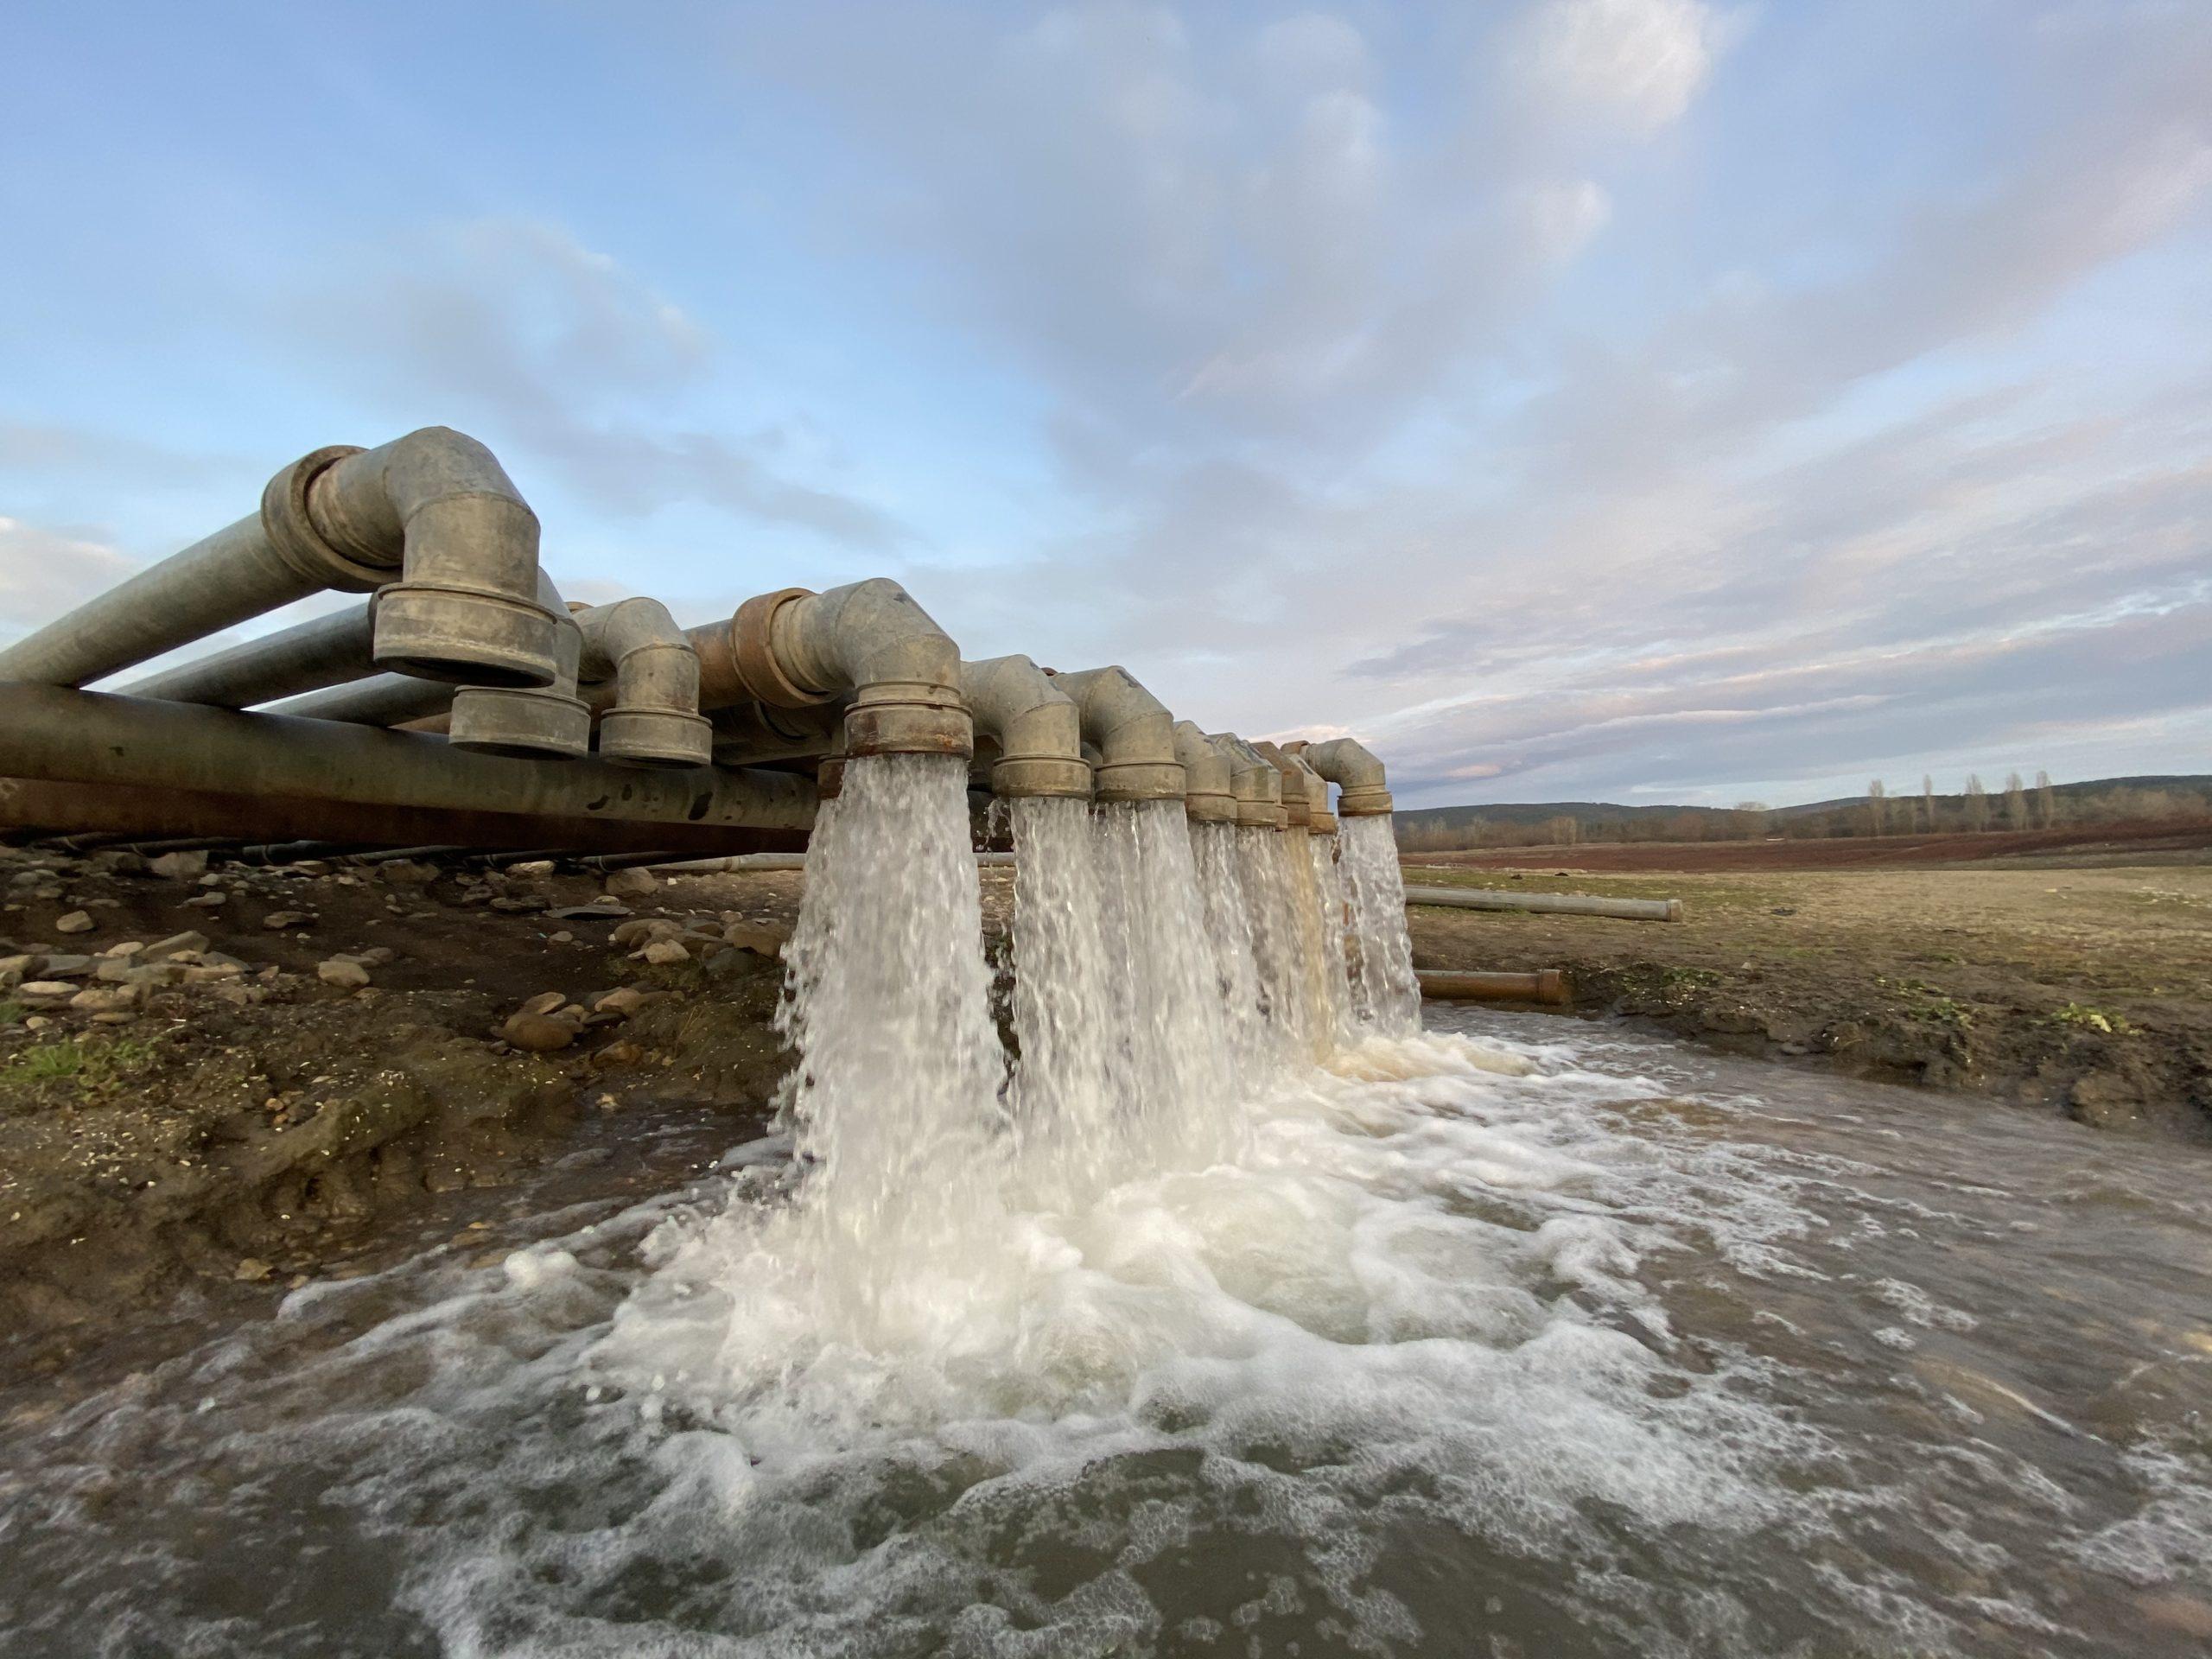 В Крыму объём подачи воды увеличится с марта 2021 года